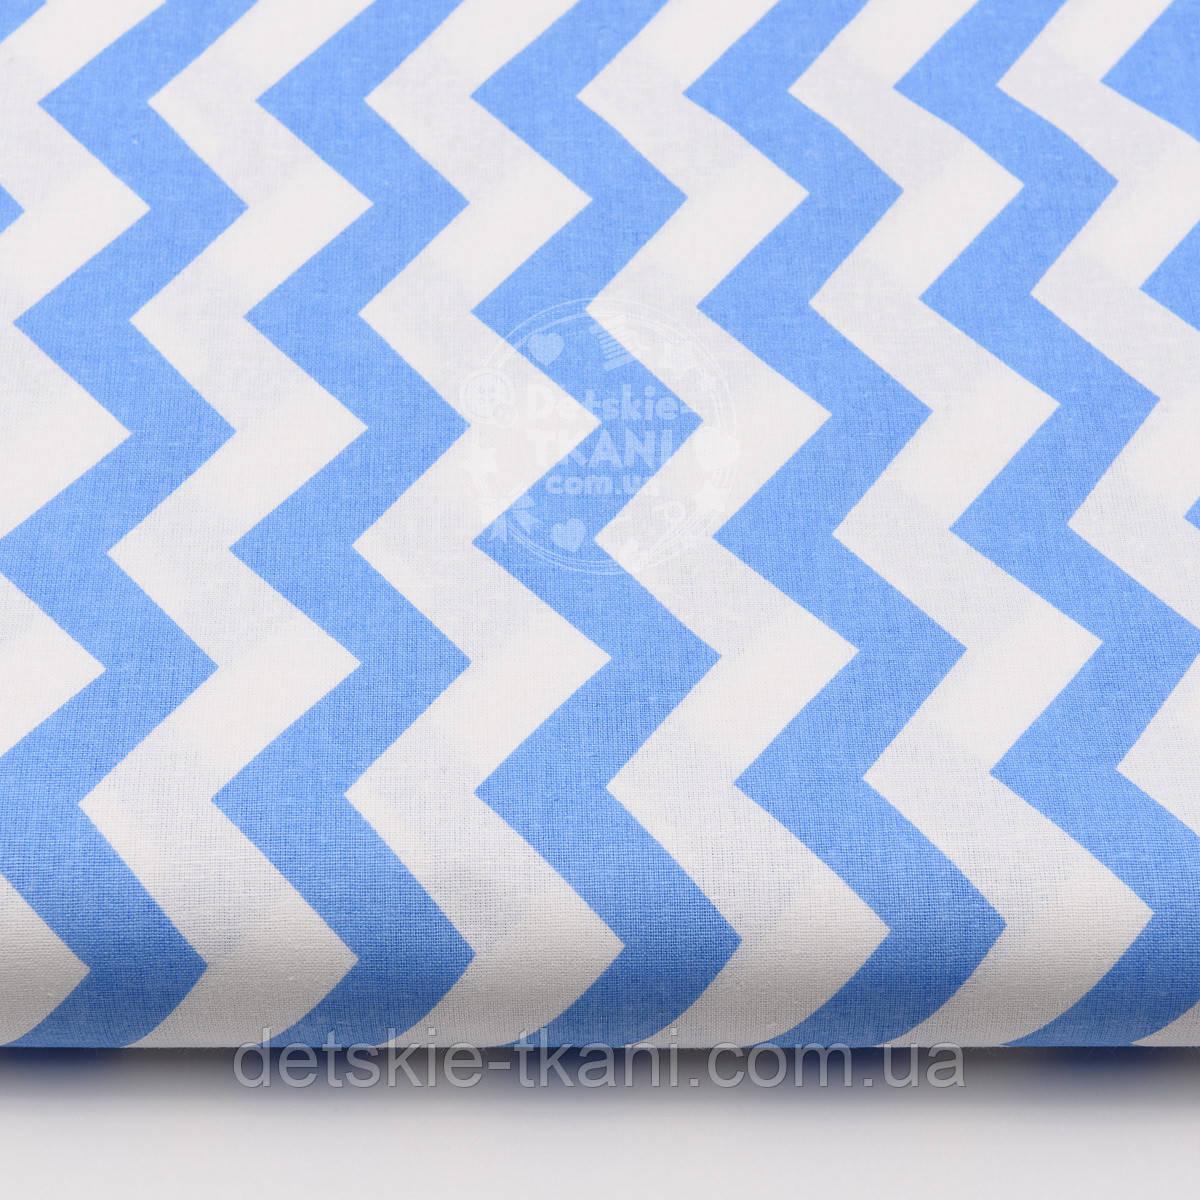 Ткань хлопковая с тёмно-голубыми зигзагами (№ 1476)